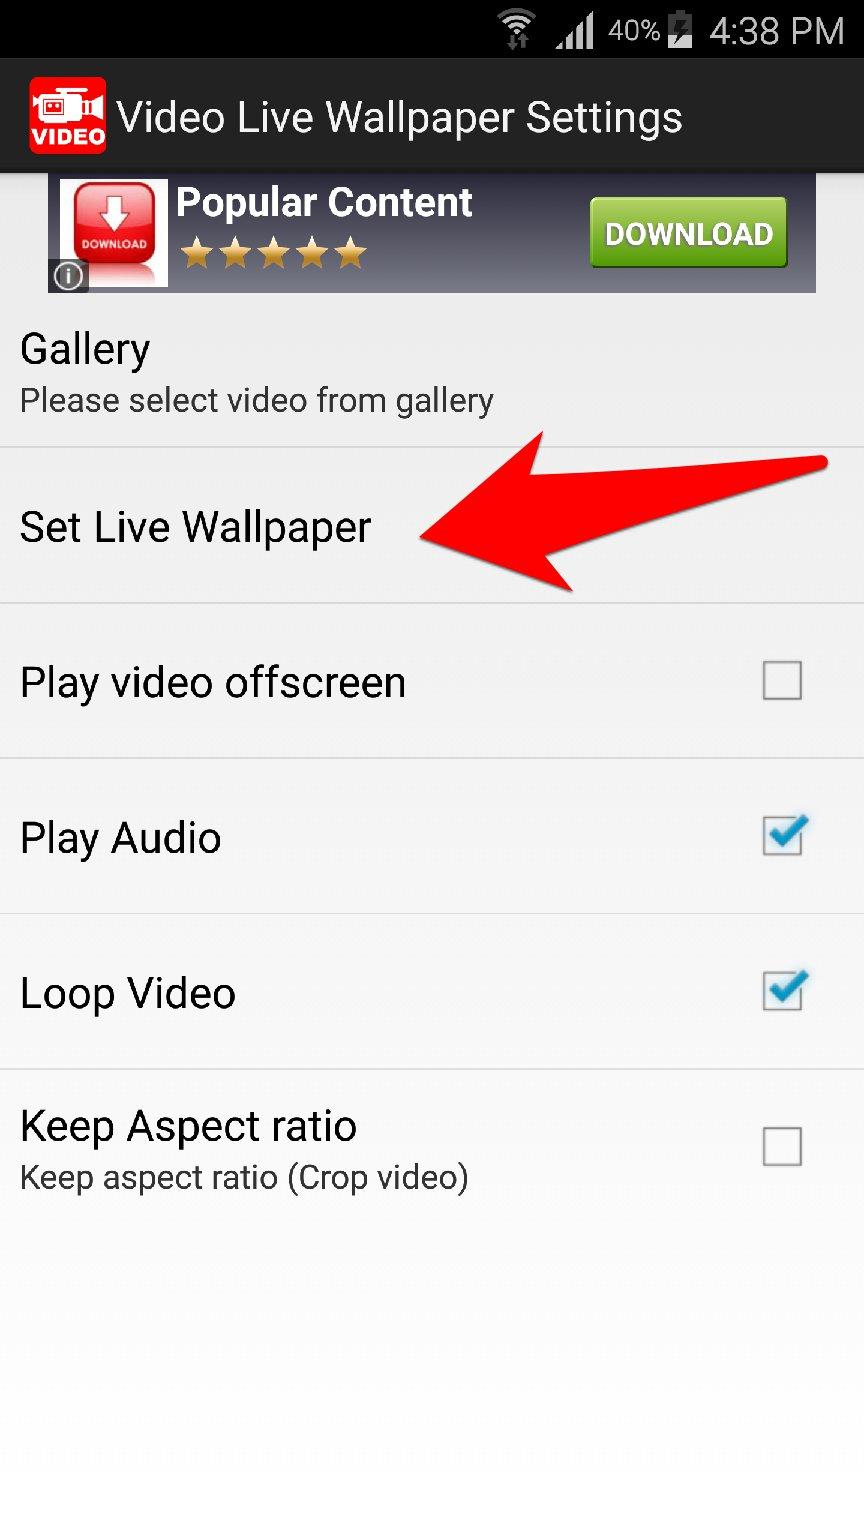 تطبيق عجيب سيمكنك من تعيين اي فيديو على جوالك كخلفية متحركة للشاشة   بحرية درويد